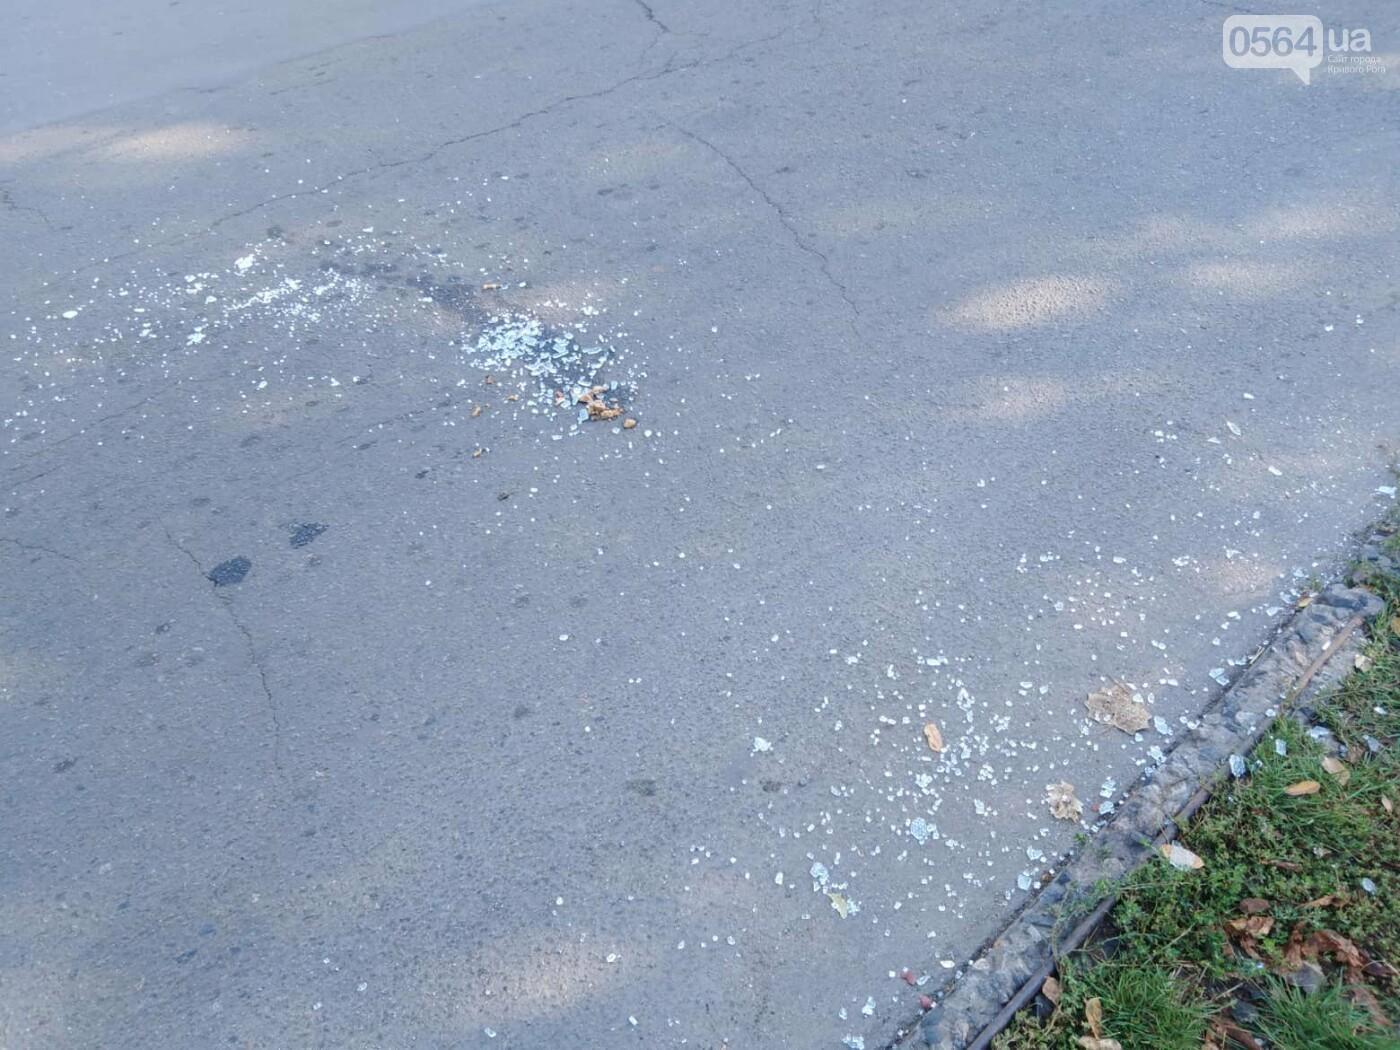 На пешеходном переходе 70-летняя криворожанка сбила 18-летнего парня, - ФОТО , фото-3